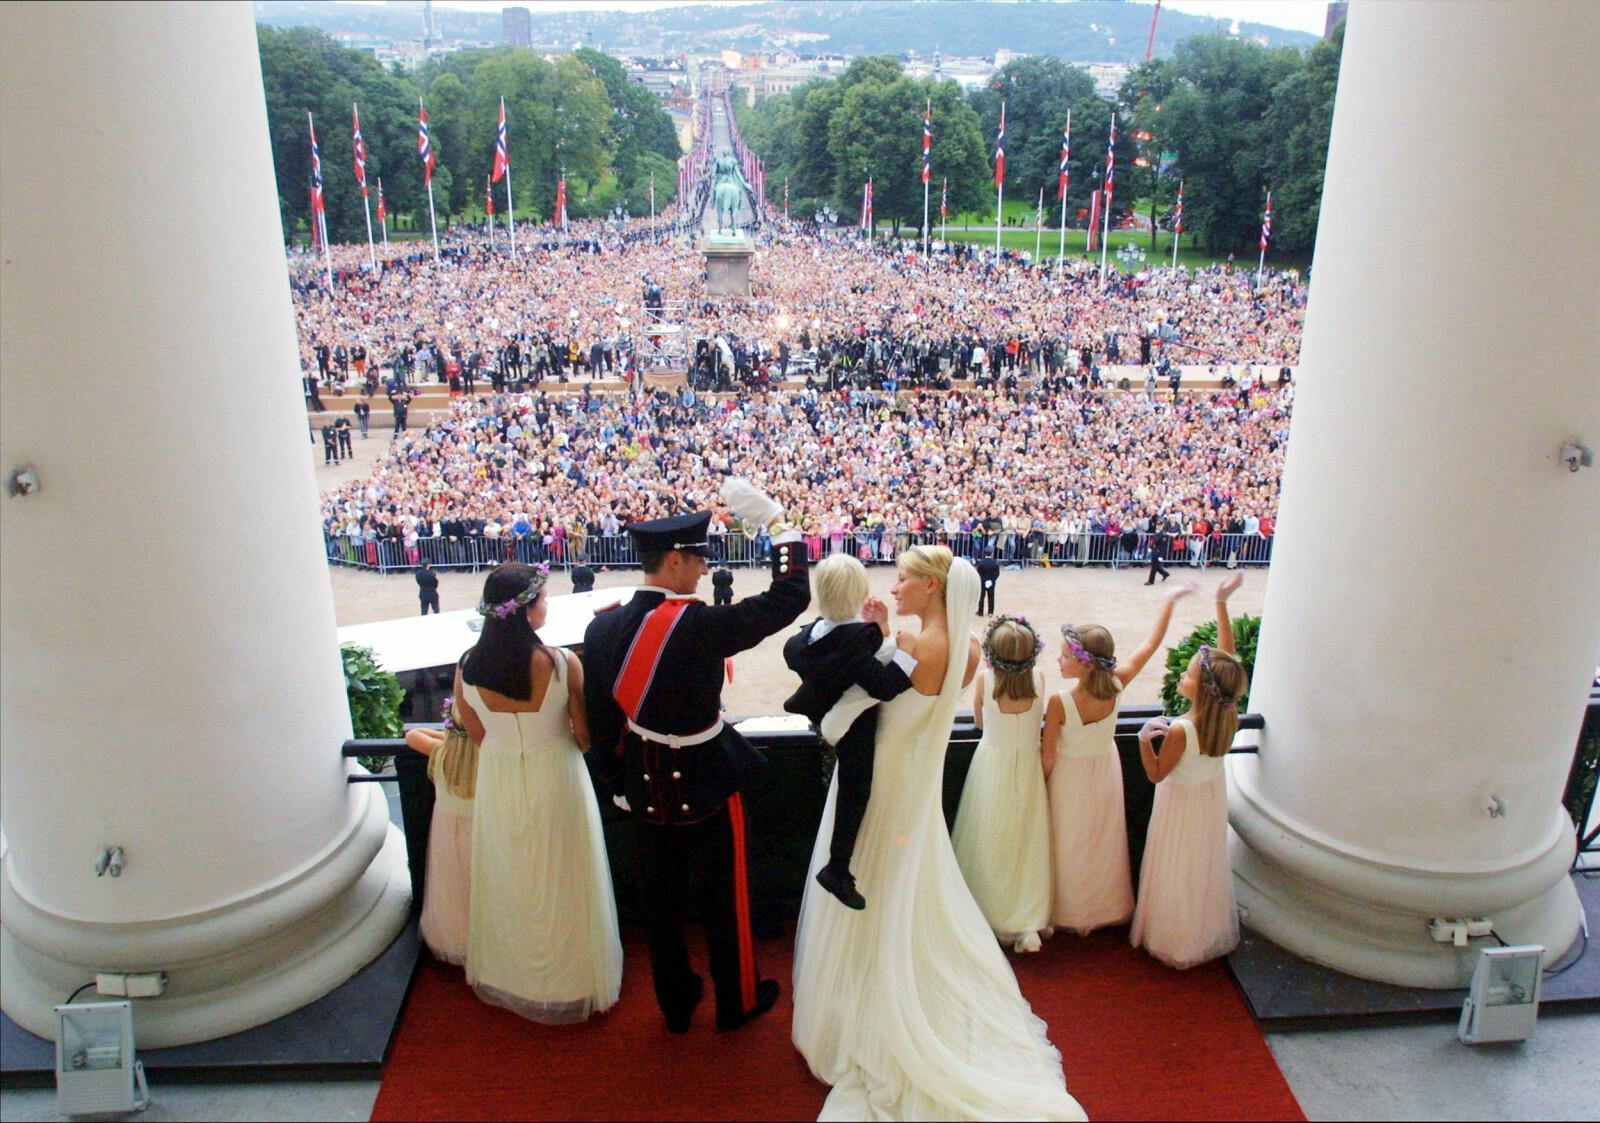 19 ÅR SIDEN: Kronprins Haakon og Mette-Marit Tjessem Høiby giftet seg i Oslo Domkirke lørdag 25. august 2001, og hilste på folket fra slottsbalkongen etter vielsen. Foto: NTB Scanpix